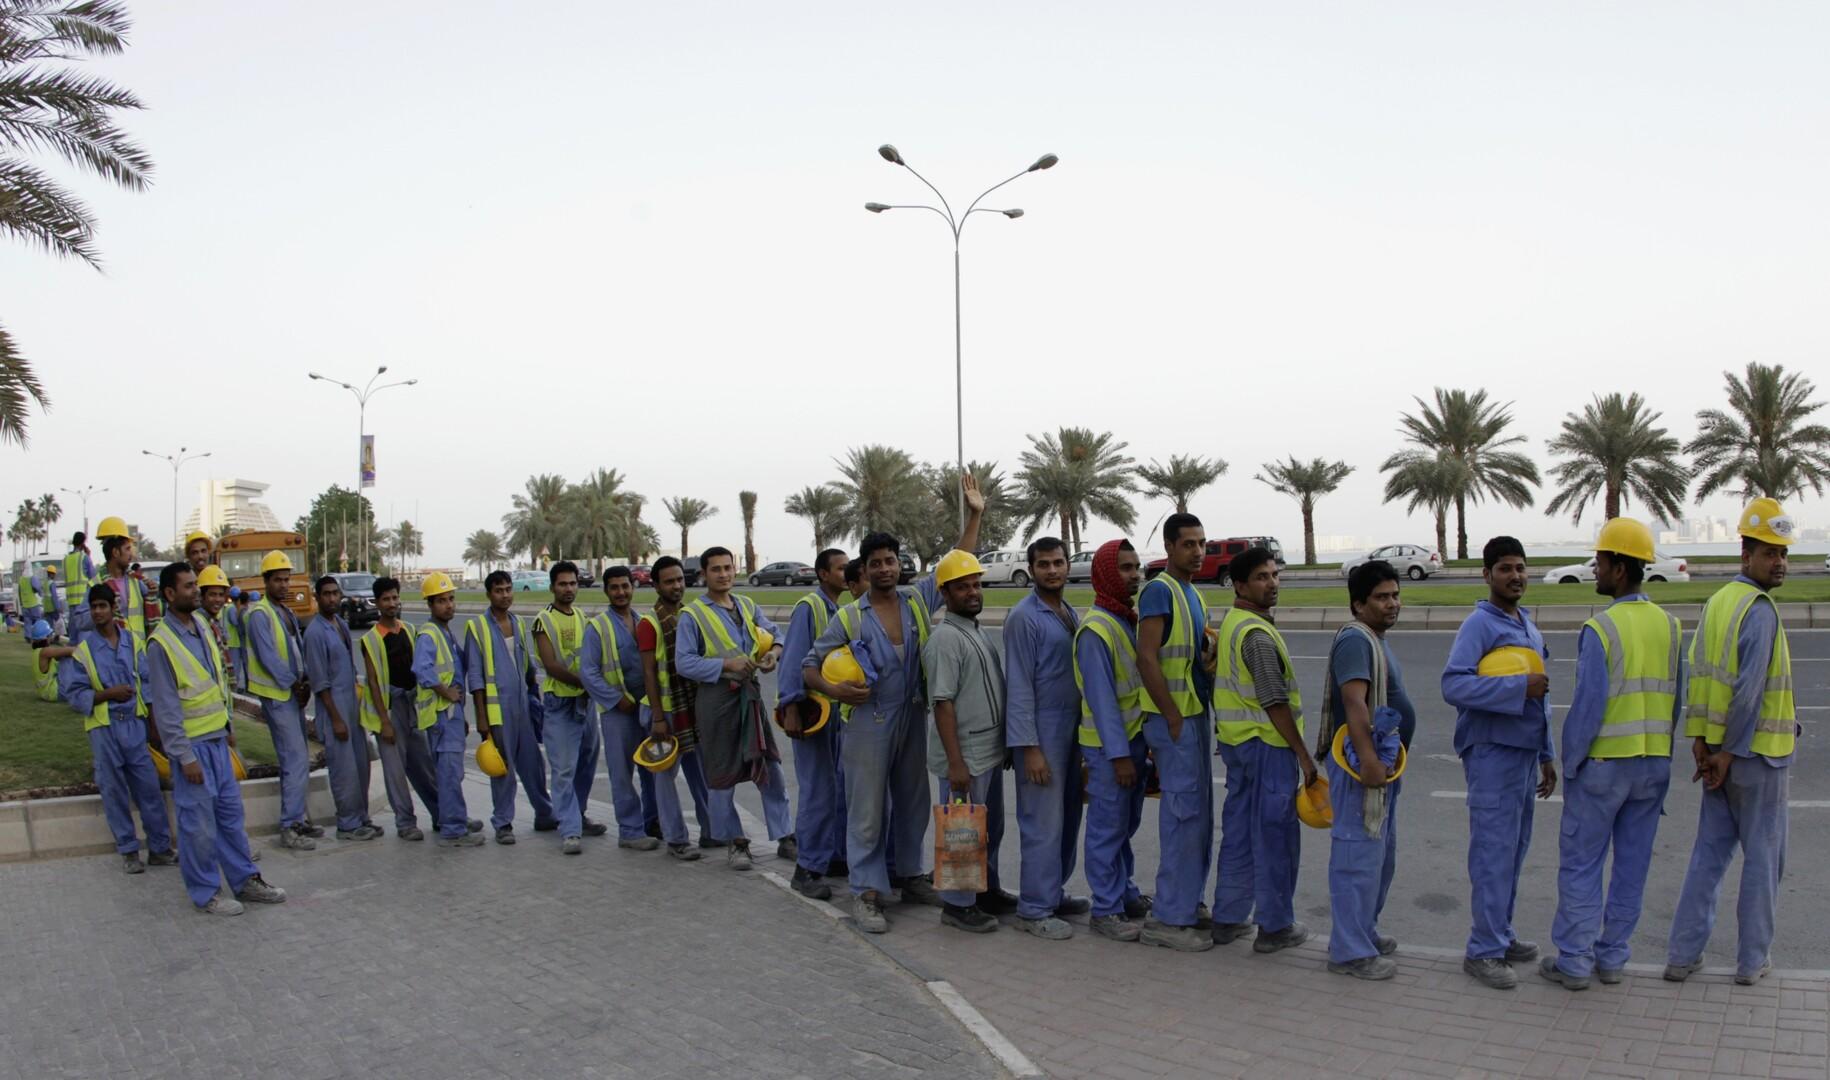 قطر تعد قانونا جديدا للعمالة الأجنبية